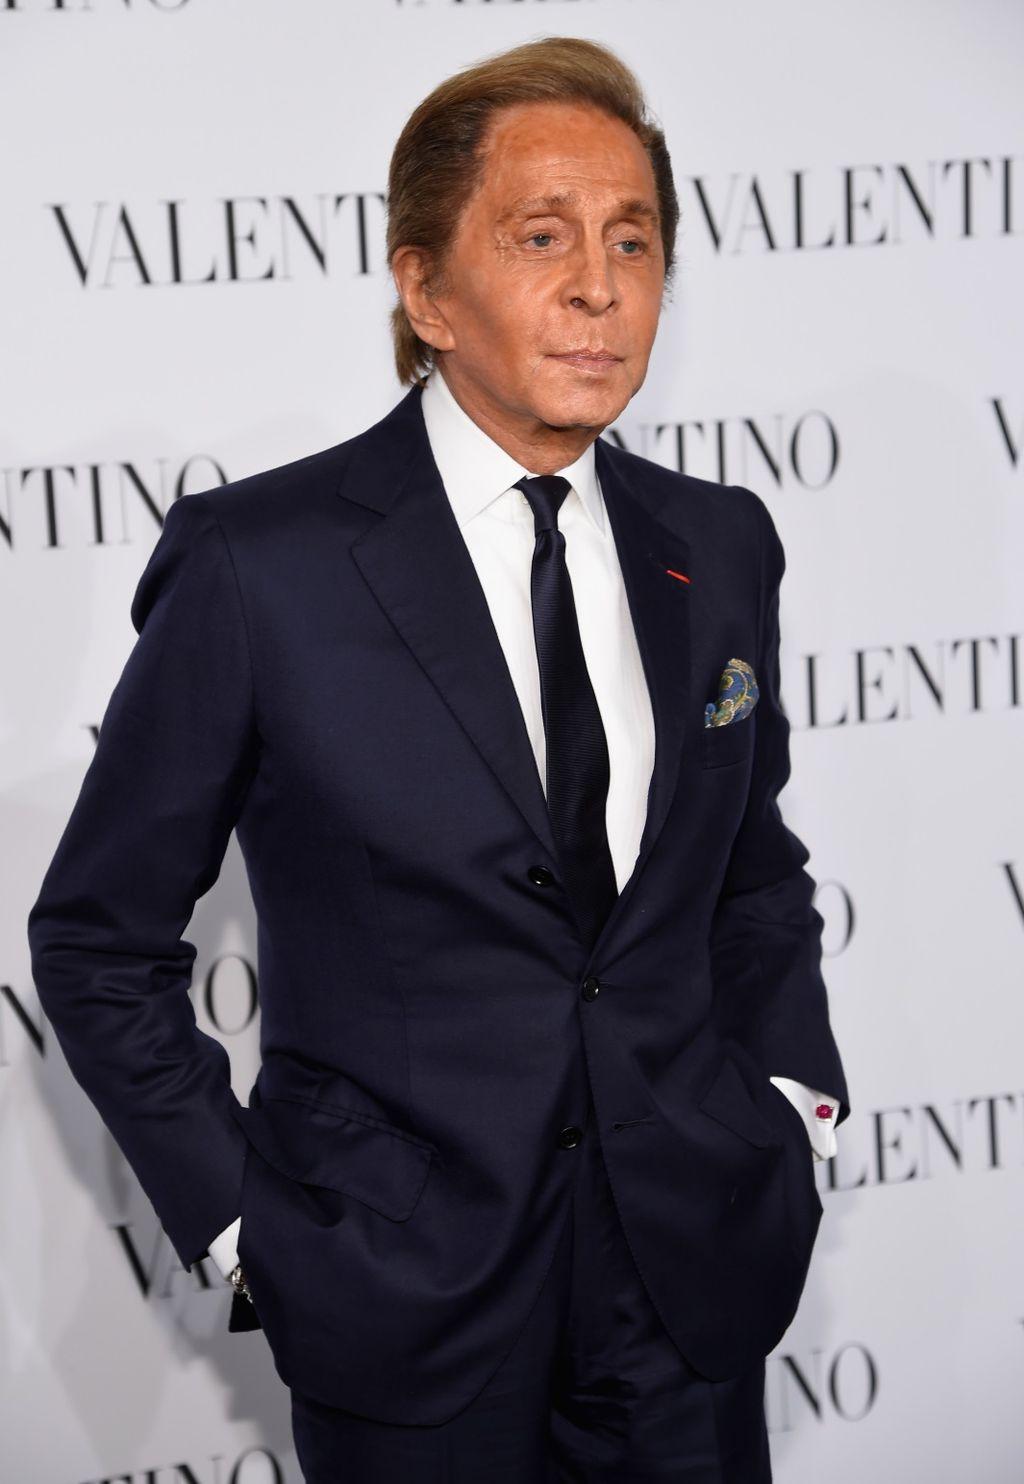 Valentino Garavani ove godine slavi 86 godina